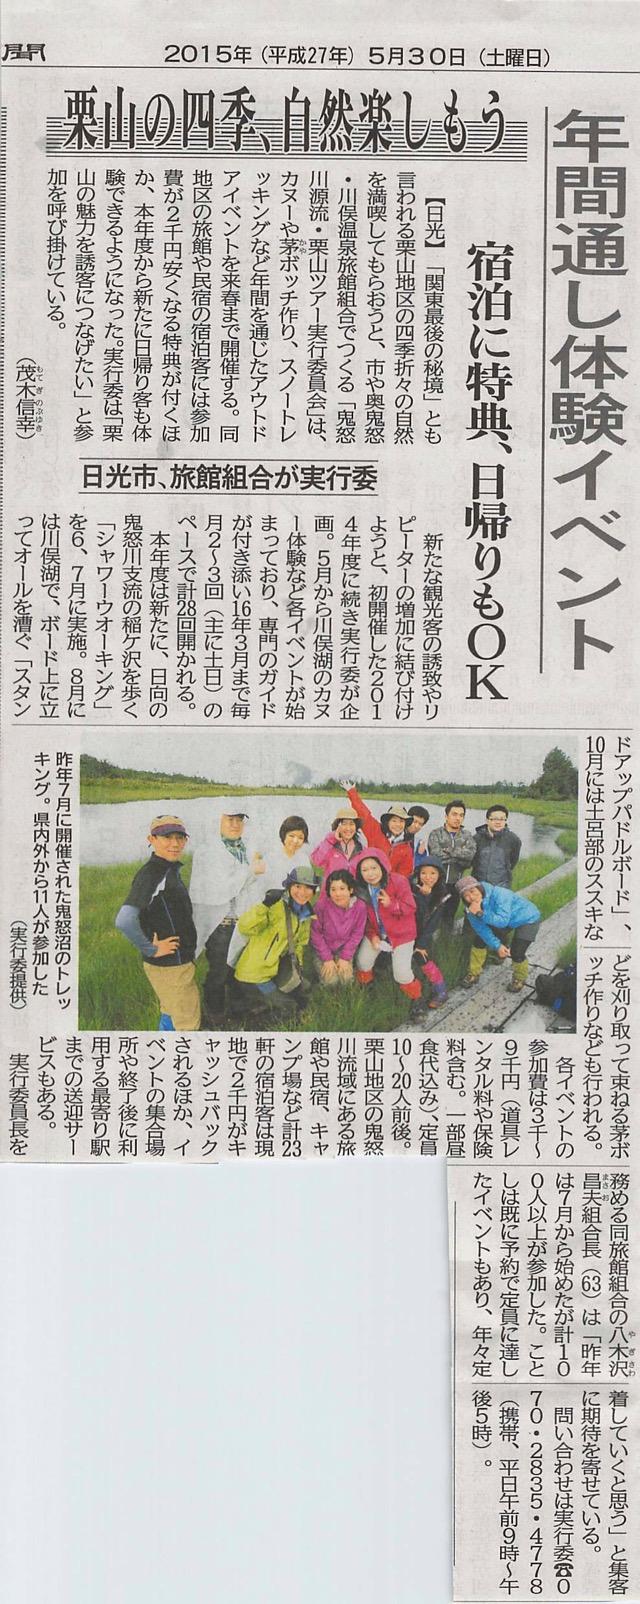 下野新聞5/30朝刊で「鬼怒川源流・栗山ツアー2015」が紹介されました